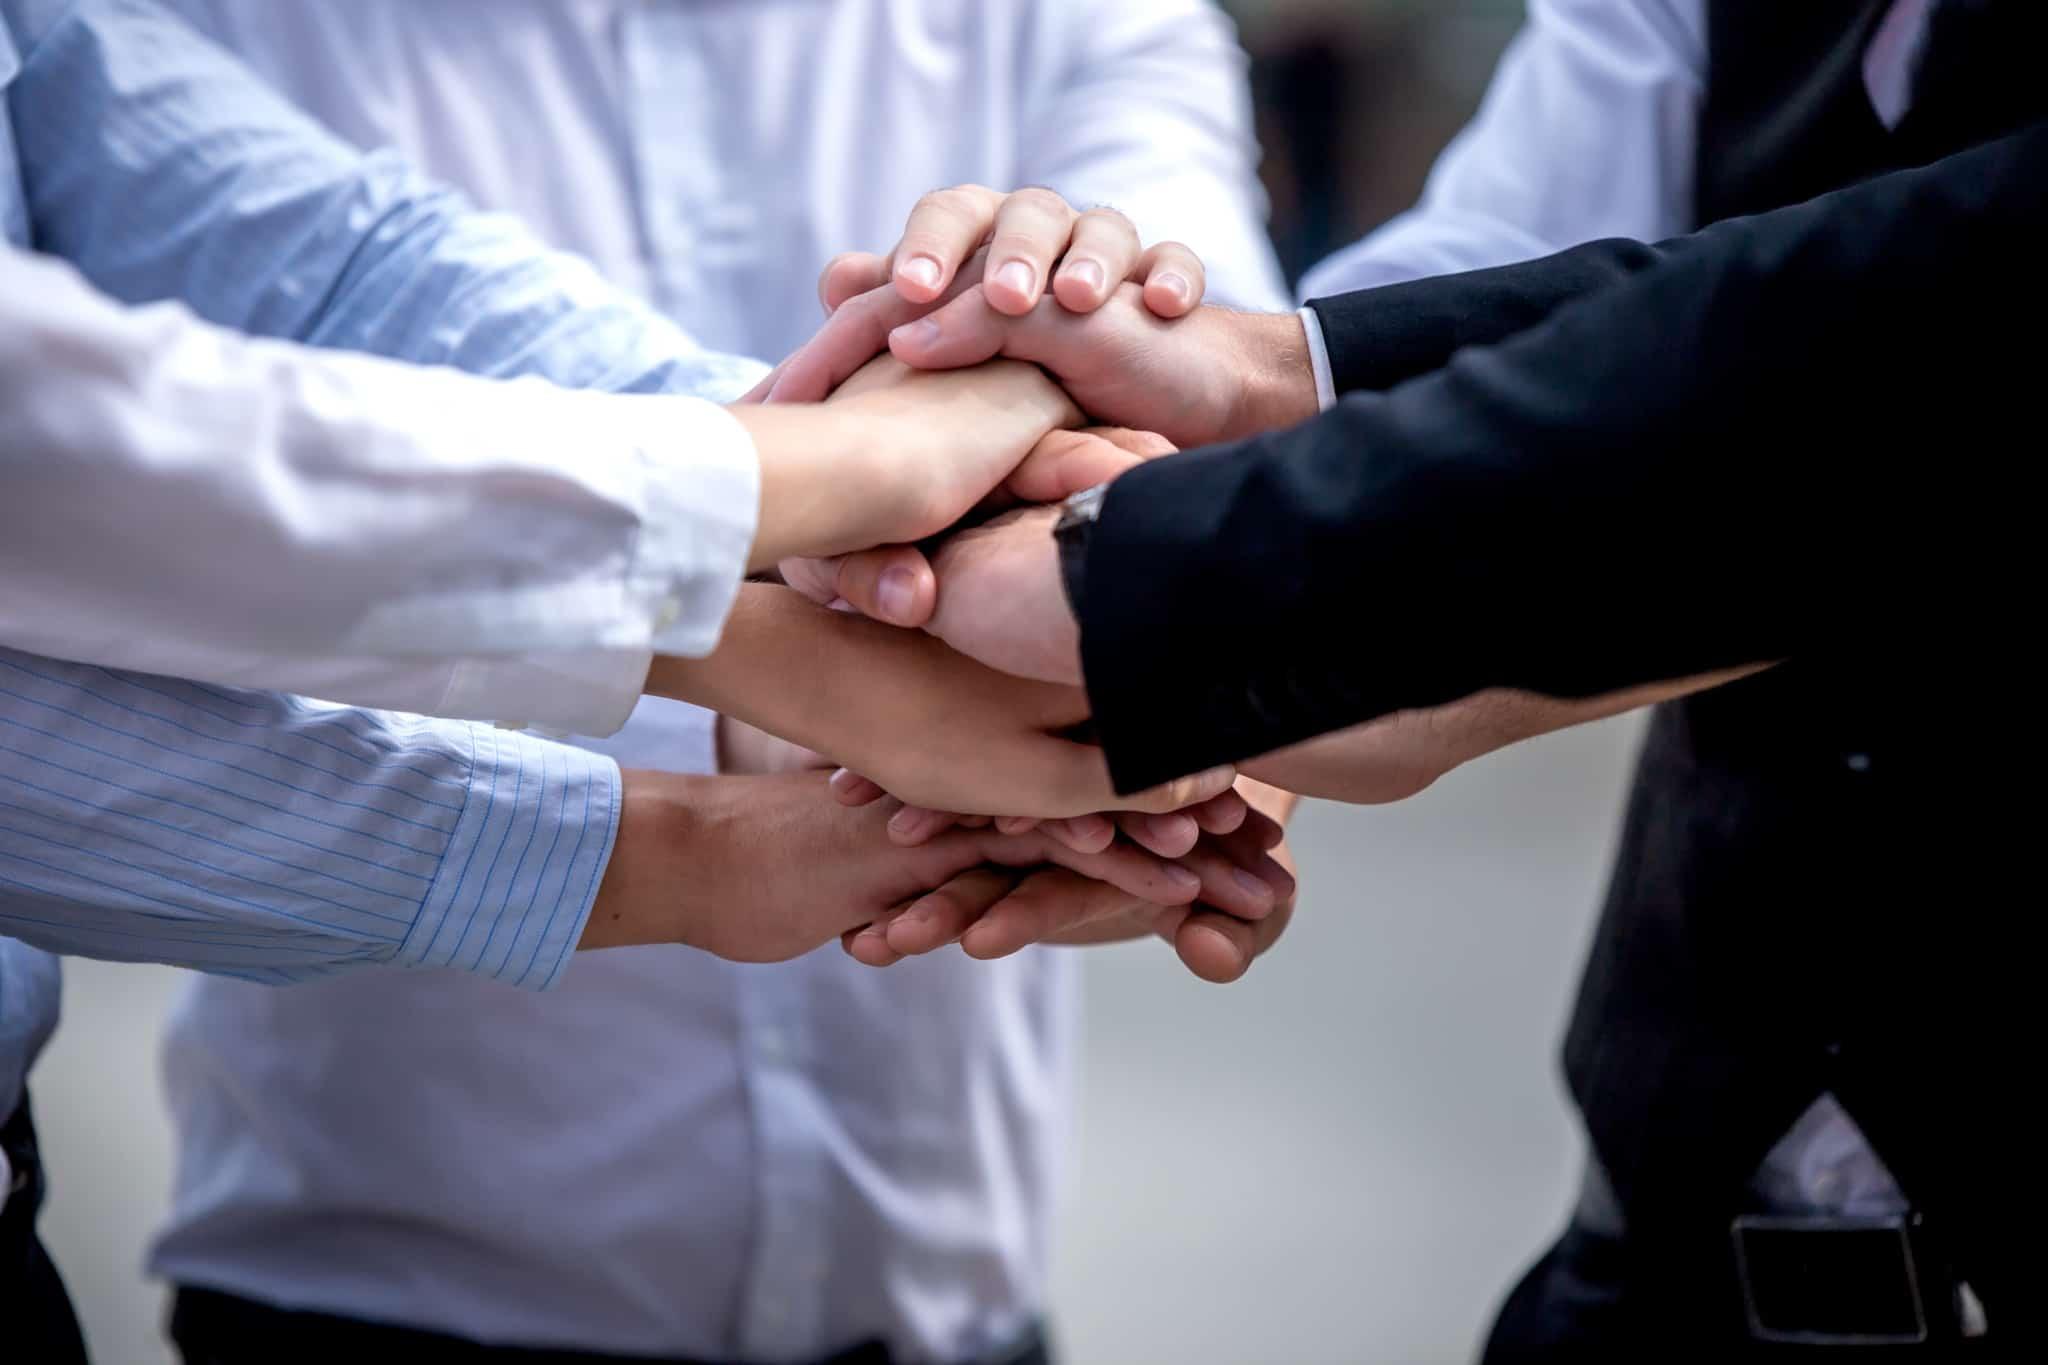 Homens-de-negocios-com-as-maos-em-sinal-da-uniao